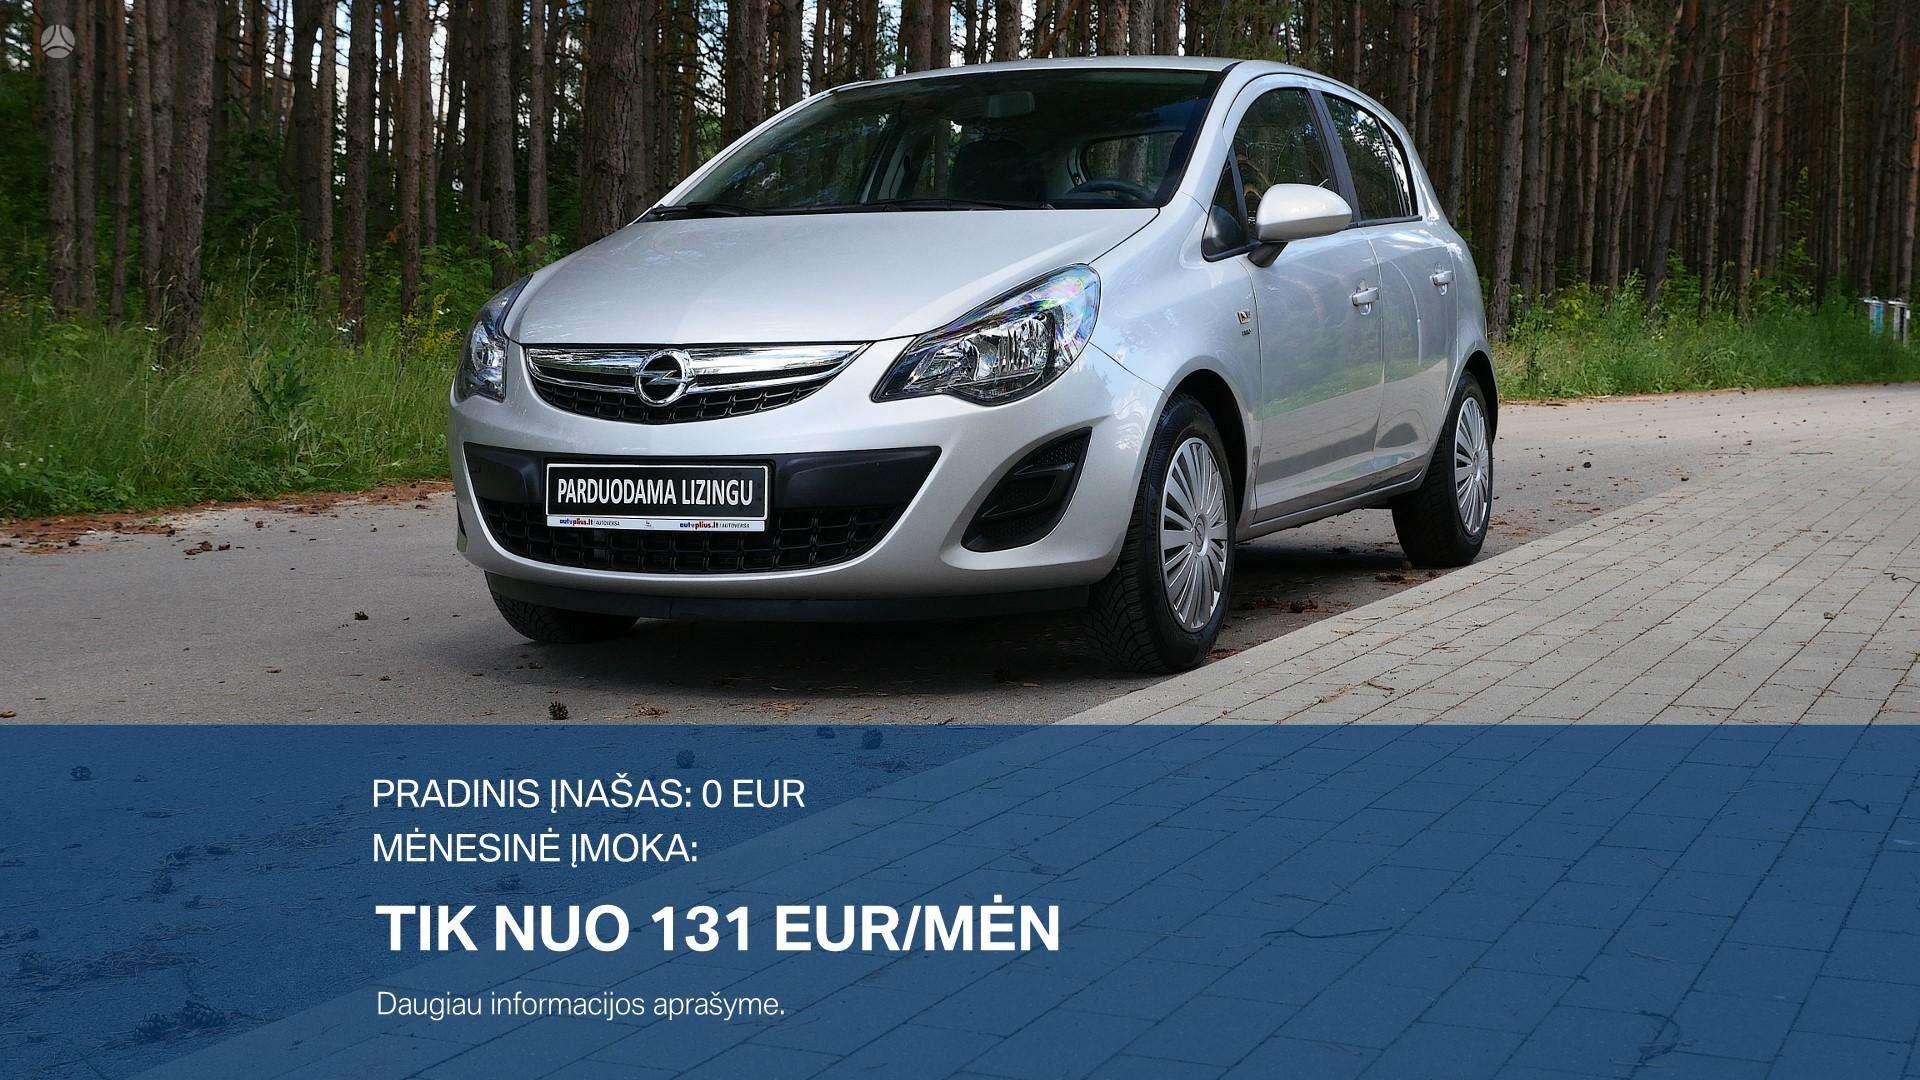 Opel Corsa išsimokėtinai nuo 131Eur/Mėn su 3 mėnesių garantija